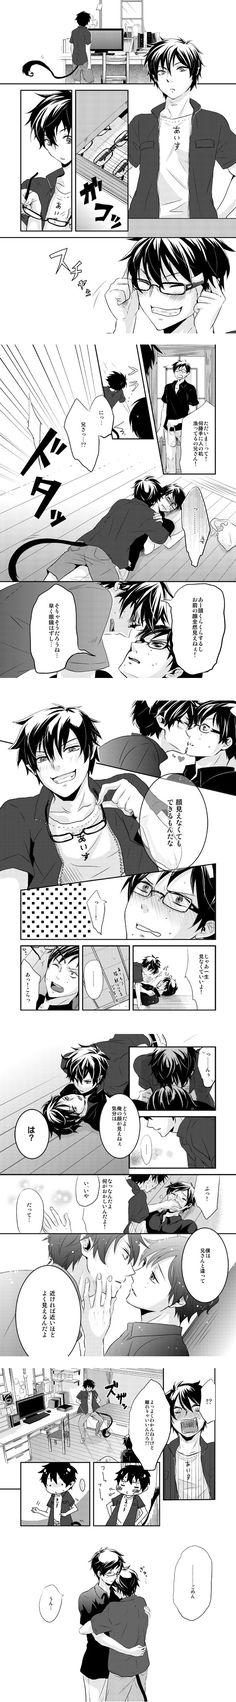 Tags: Anime, Ao no Exorcist, Okumura Rin, Okumura Yukio, K-anzu